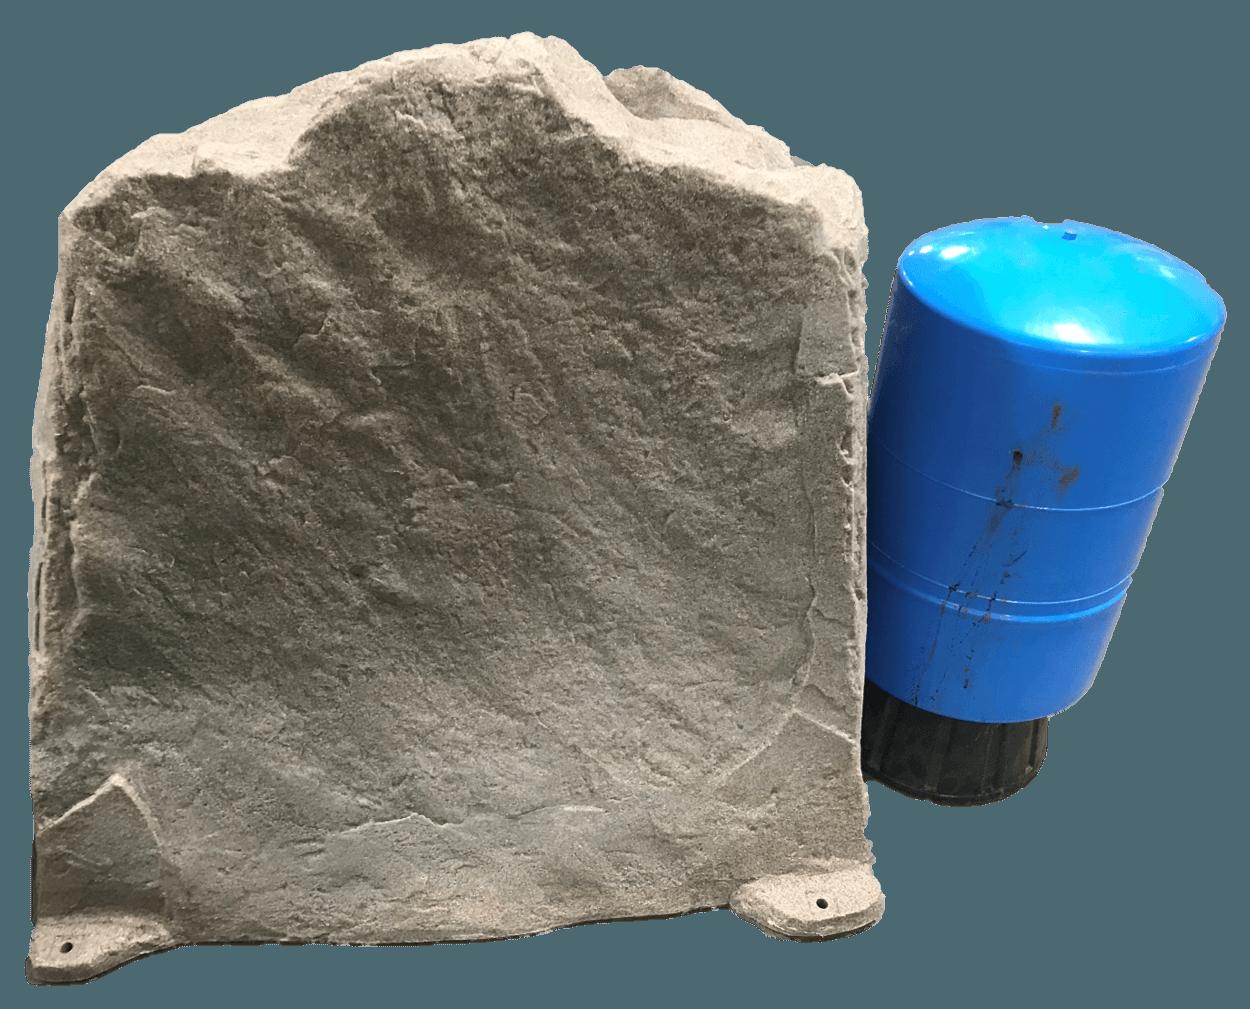 Dekorra Mock Rock Model 123 Fake Rock Cover